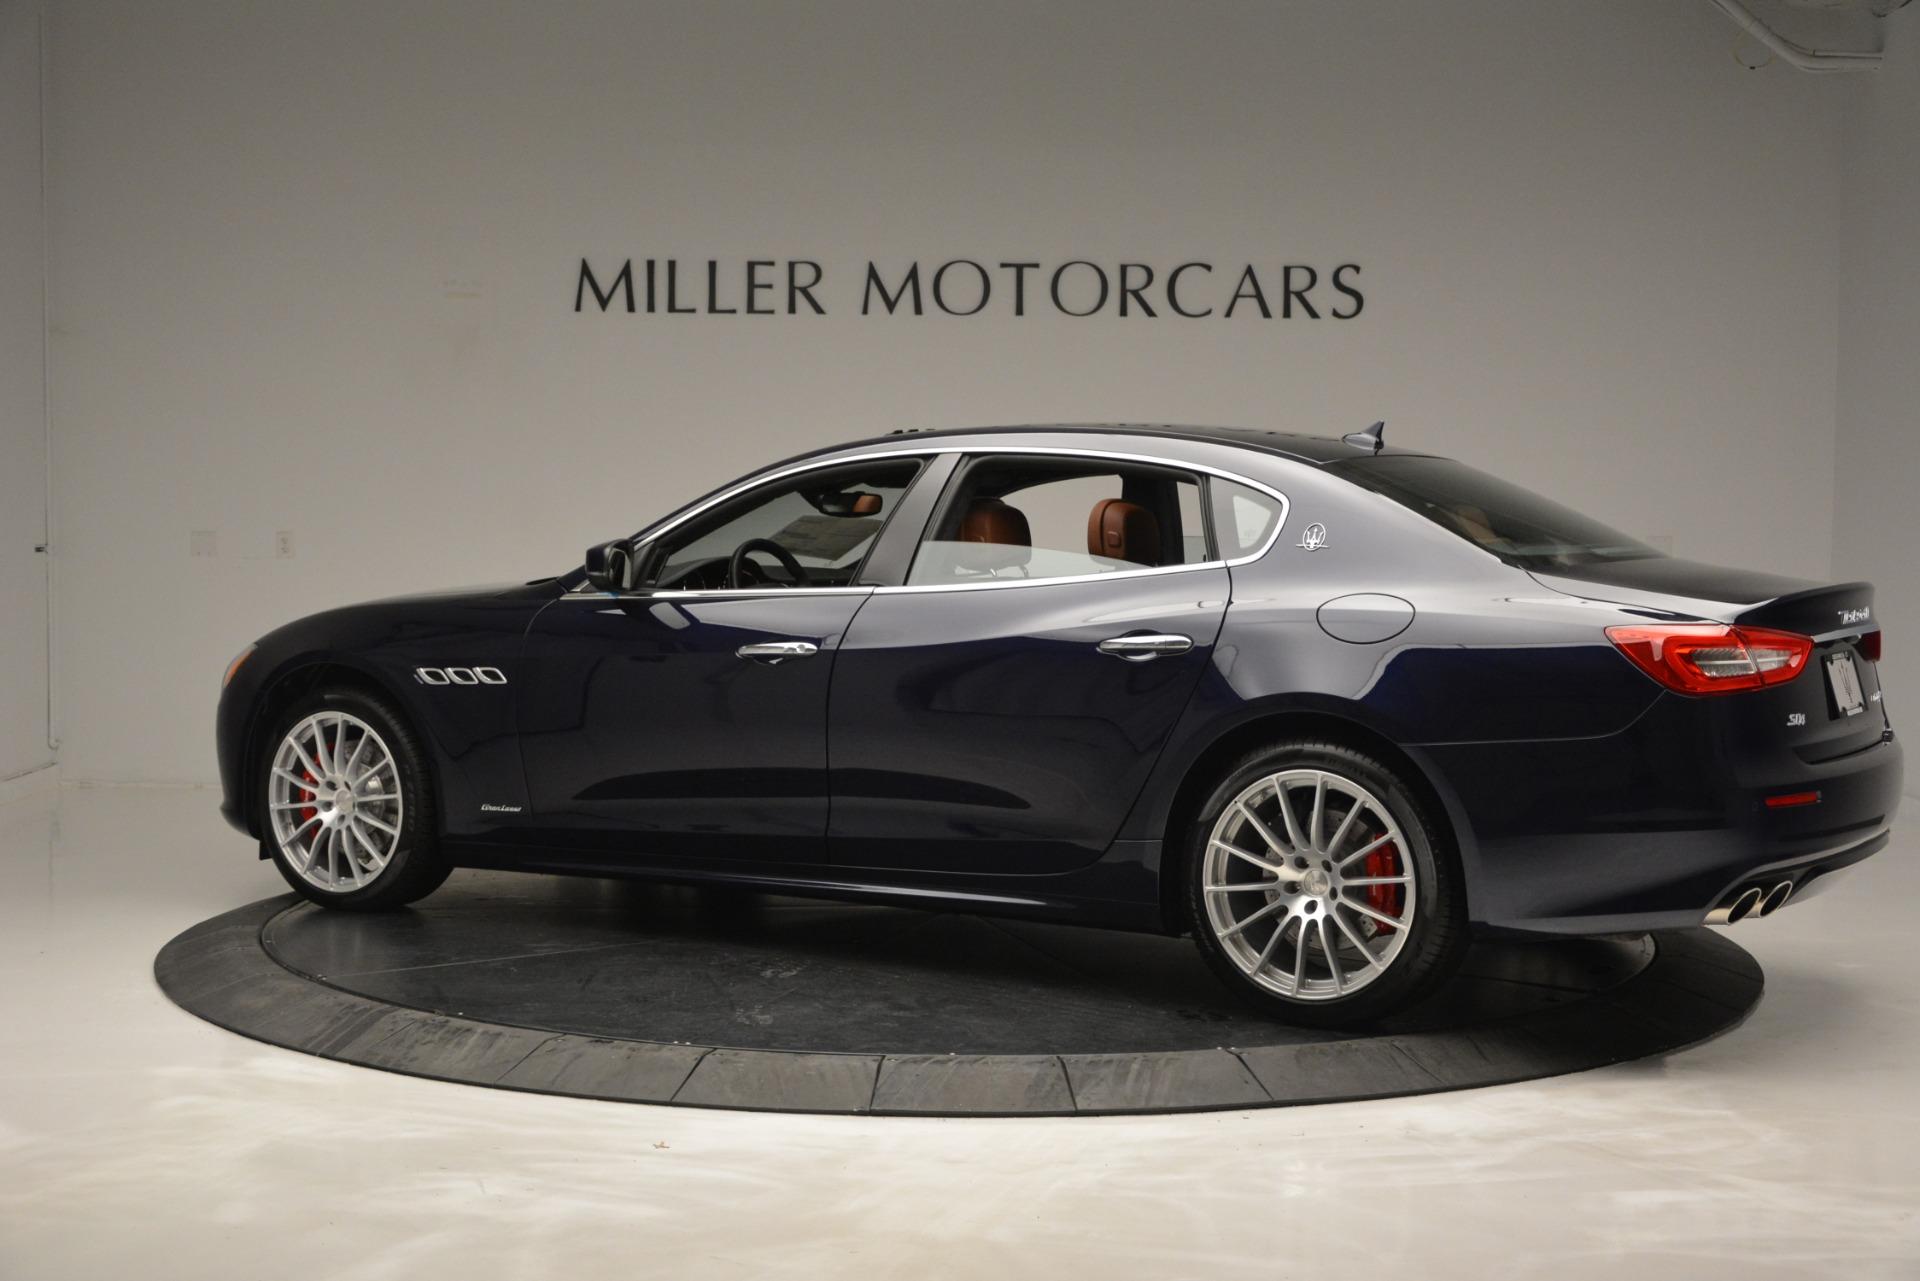 New 2019 Maserati Quattroporte S Q4 GranLusso For Sale In Westport, CT 2620_p4